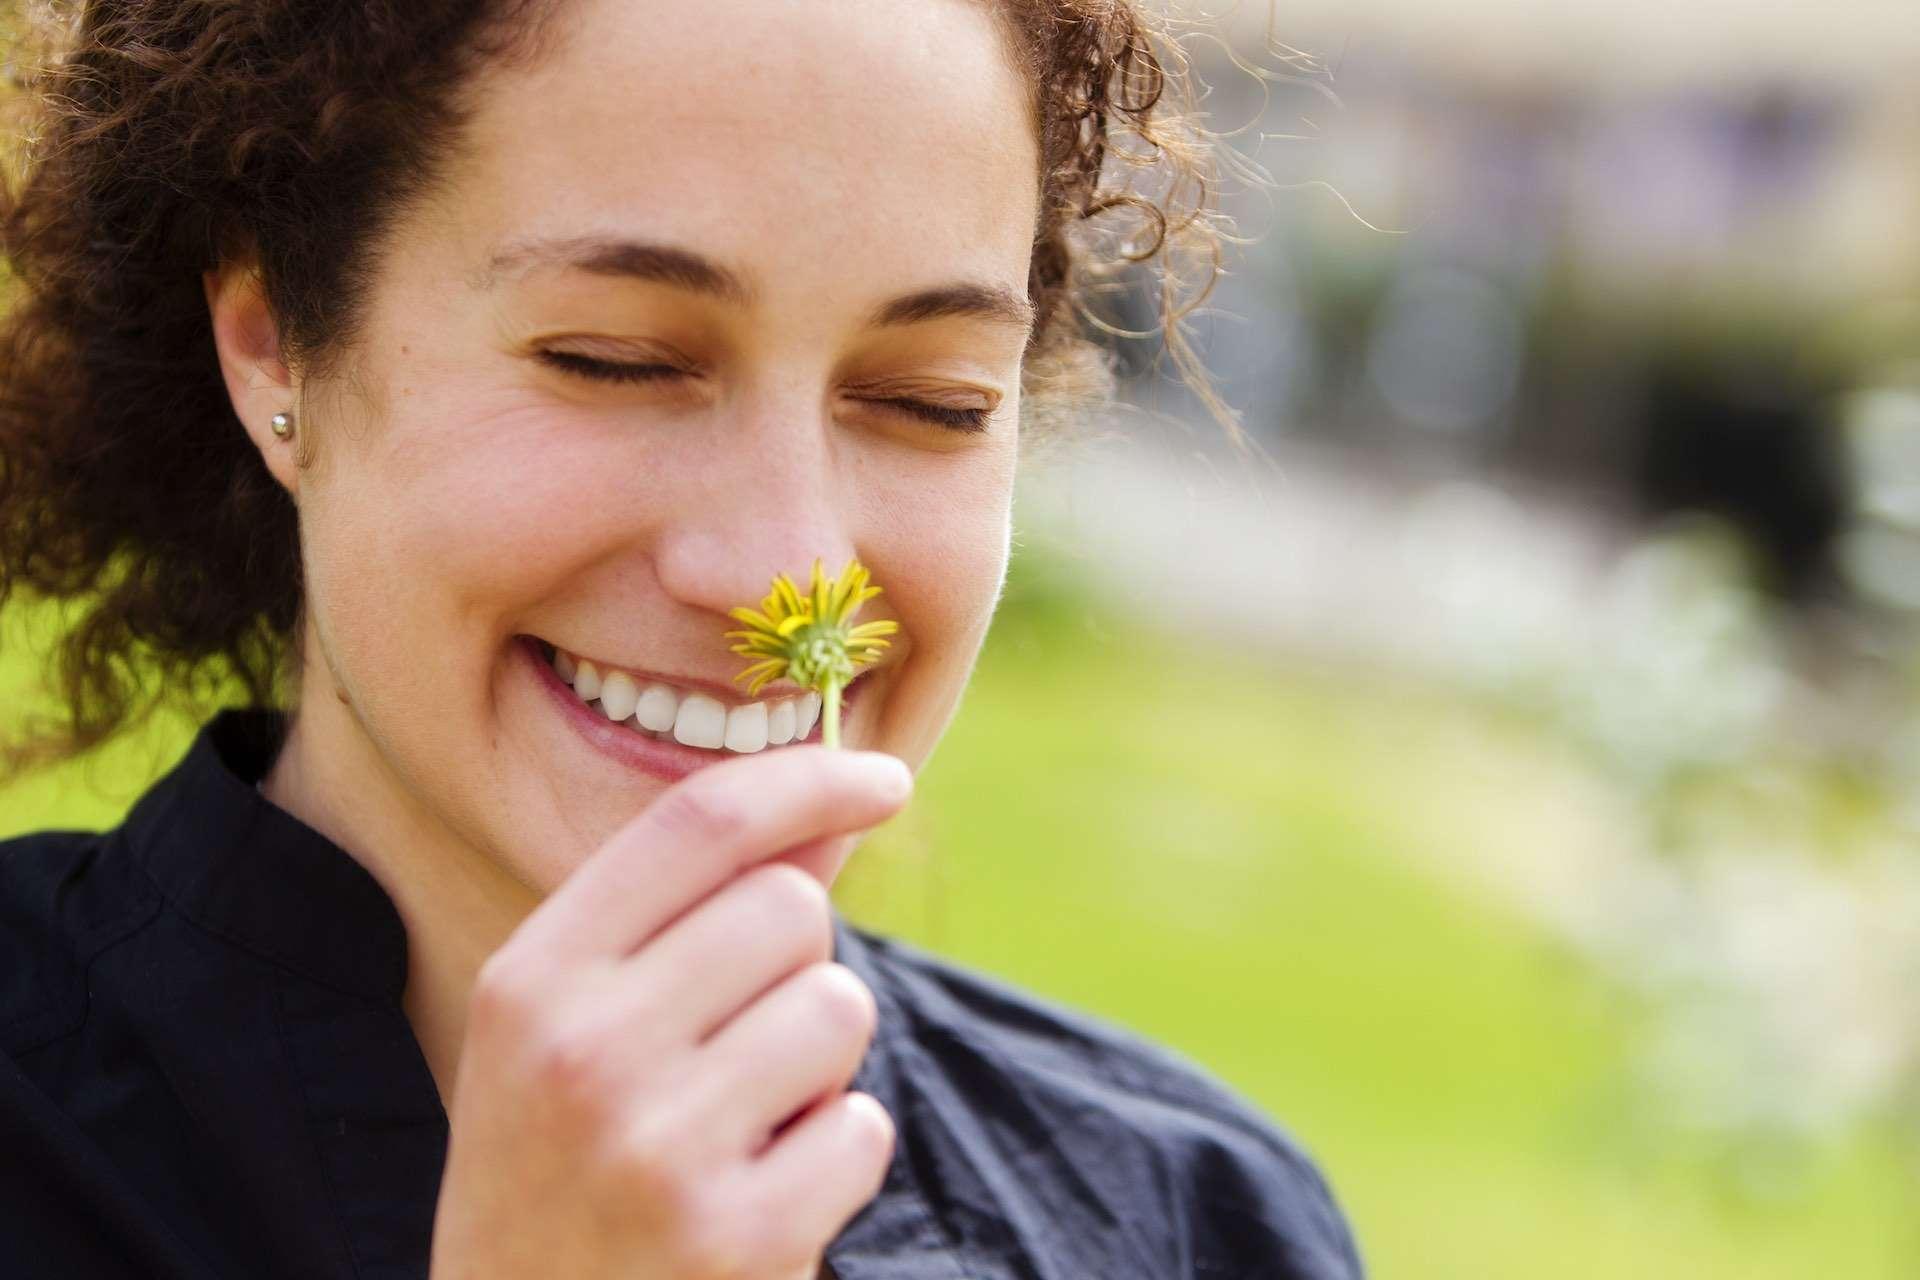 woman finding beauty in flower